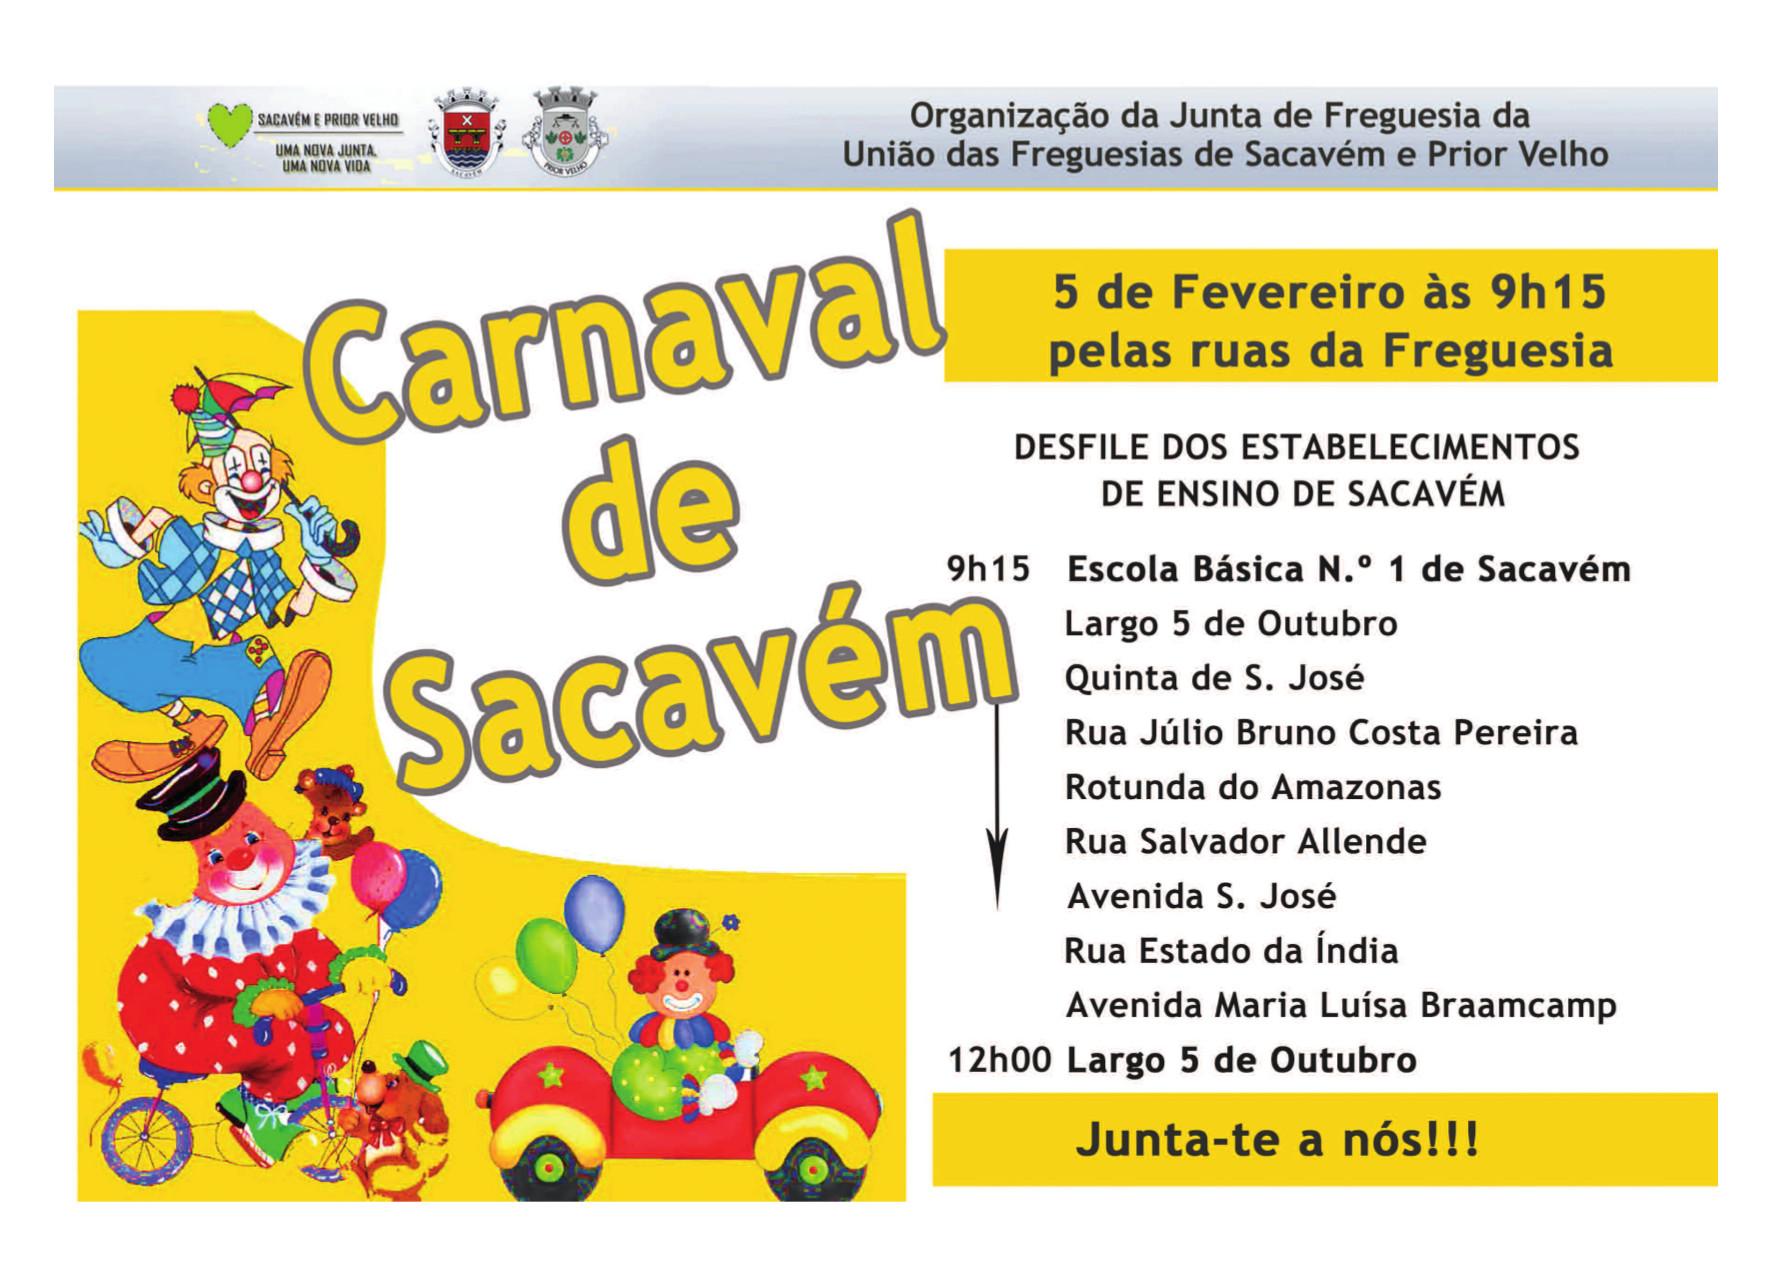 Carnaval_Sacavem